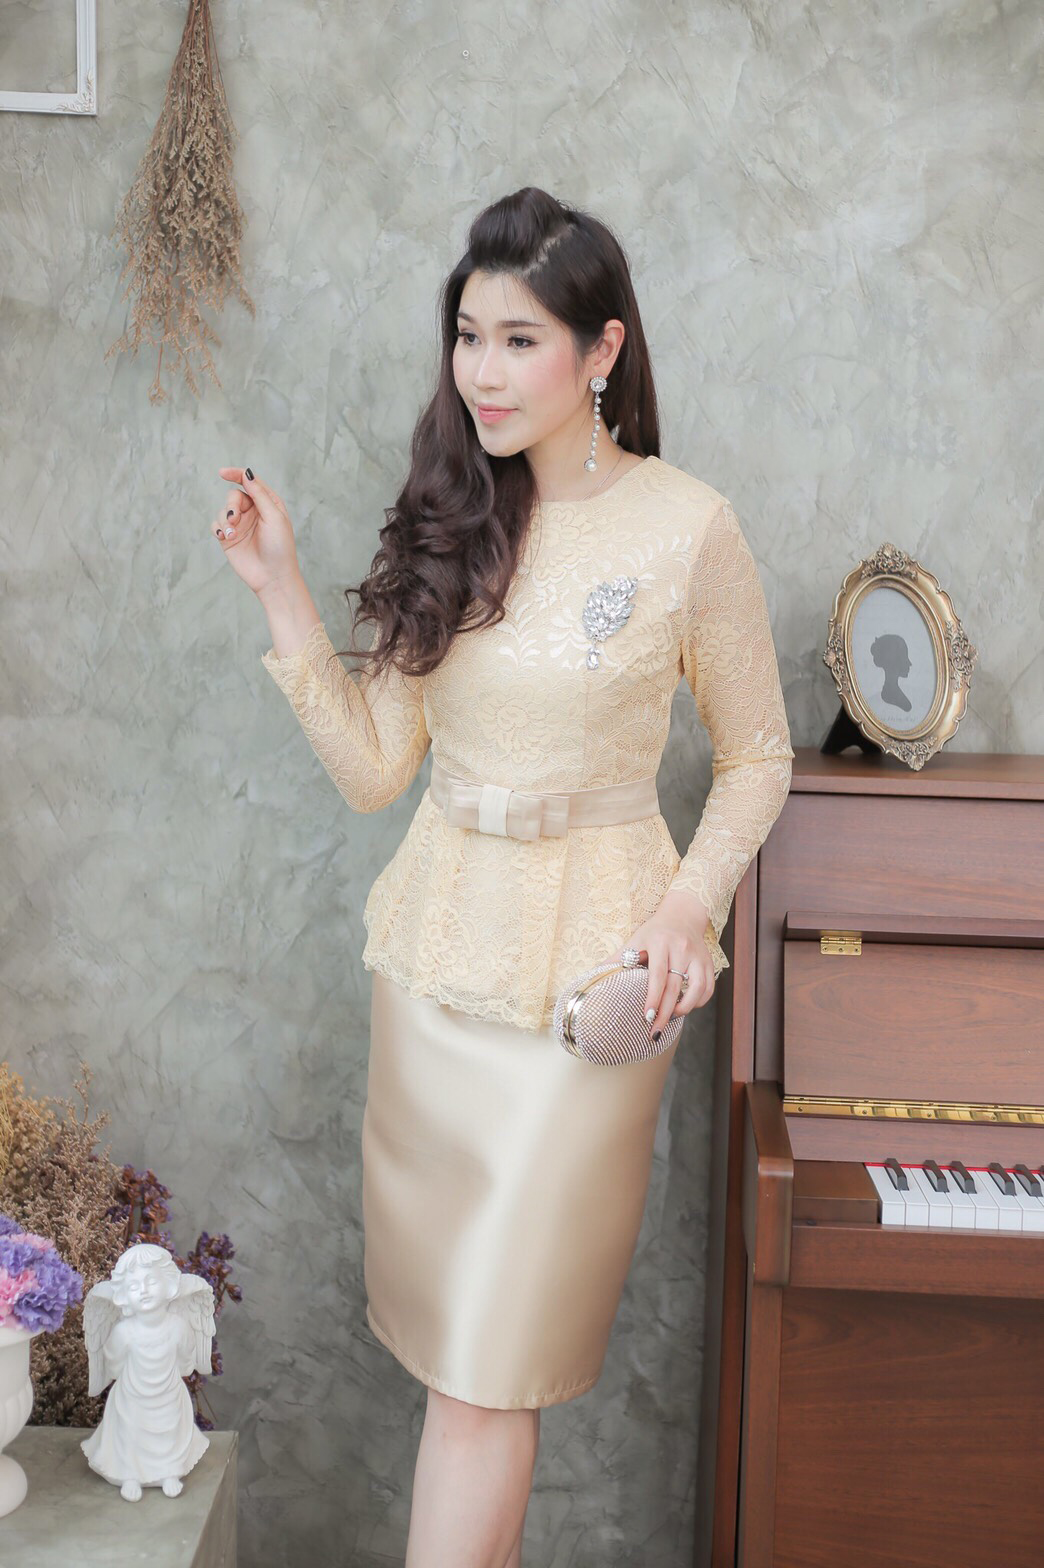 ชุดออกงานราตรีสั้นสีทอง SET เสื้อ-กระโปรง แนวเรียบหรู สวยสง่า